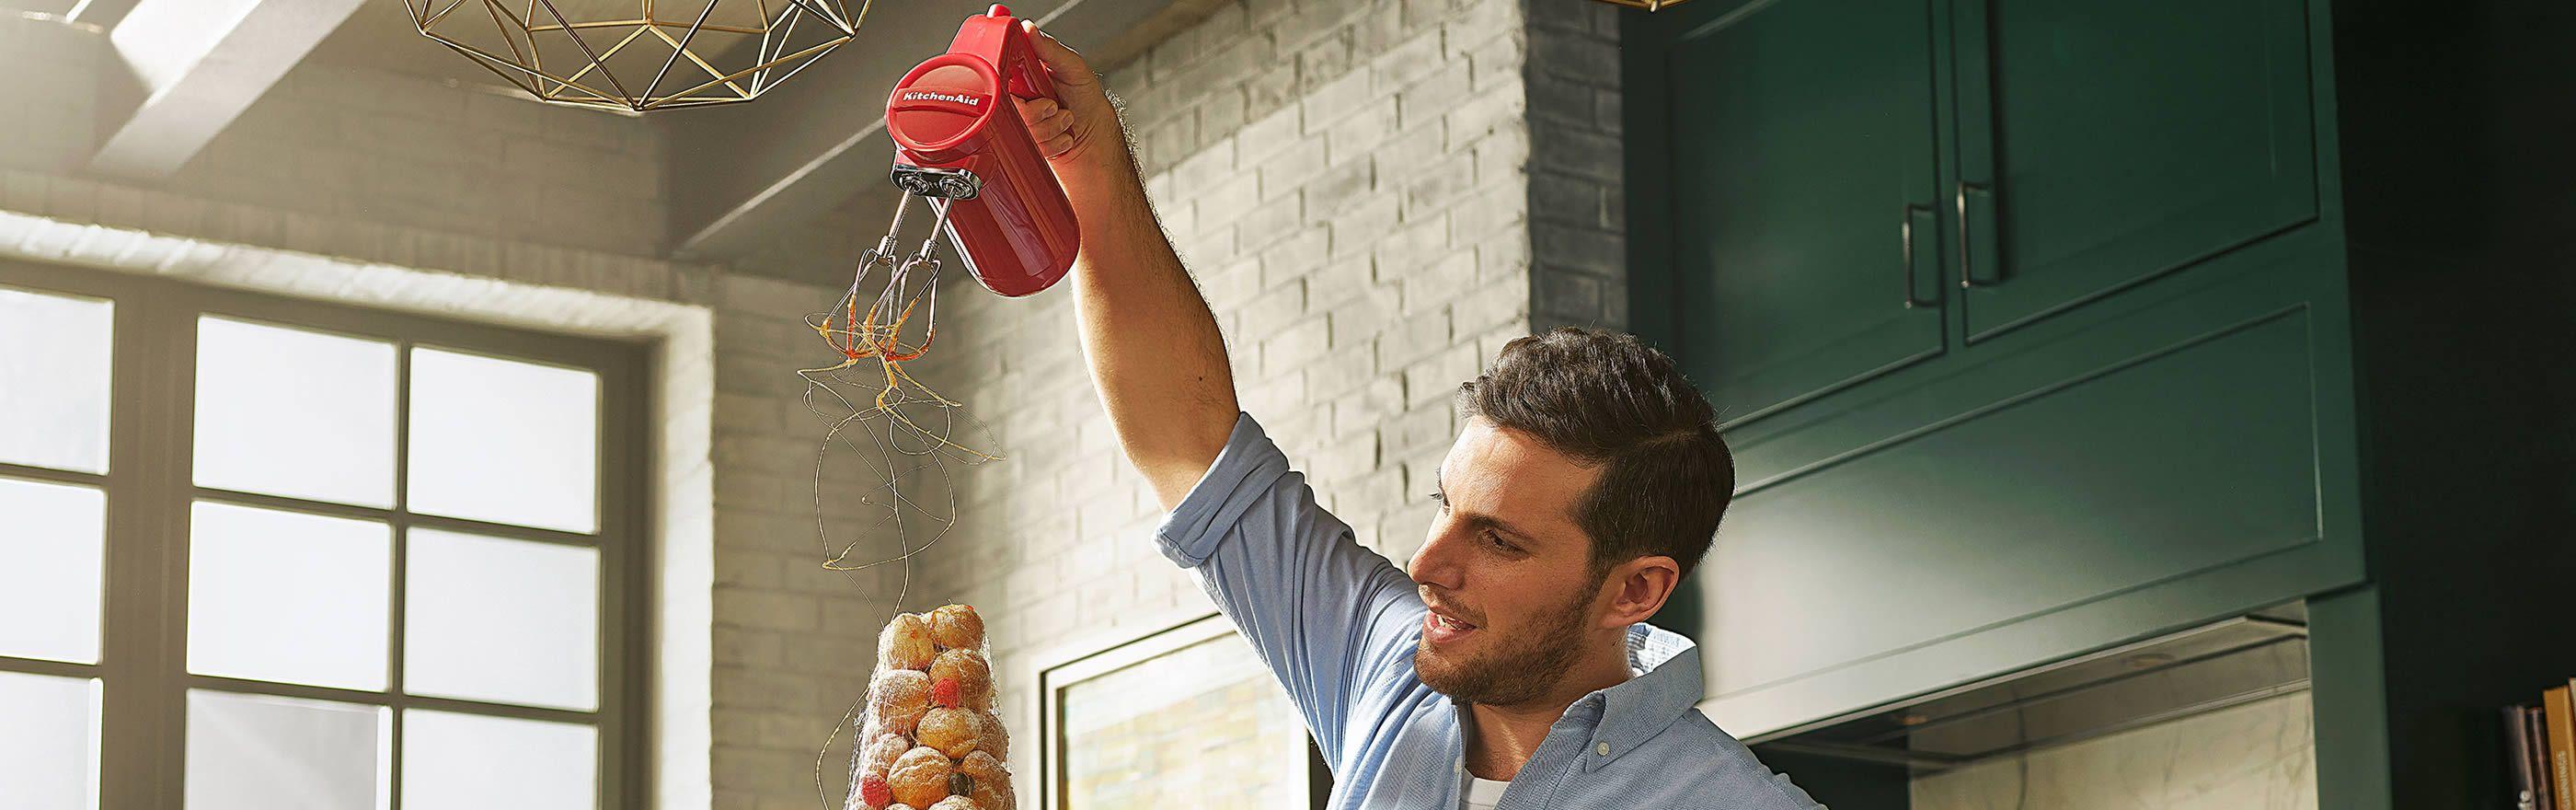 Homme versant des fils de caramel à l'aide d'un batteur à main rouge KitchenAid sur une pièce montée.